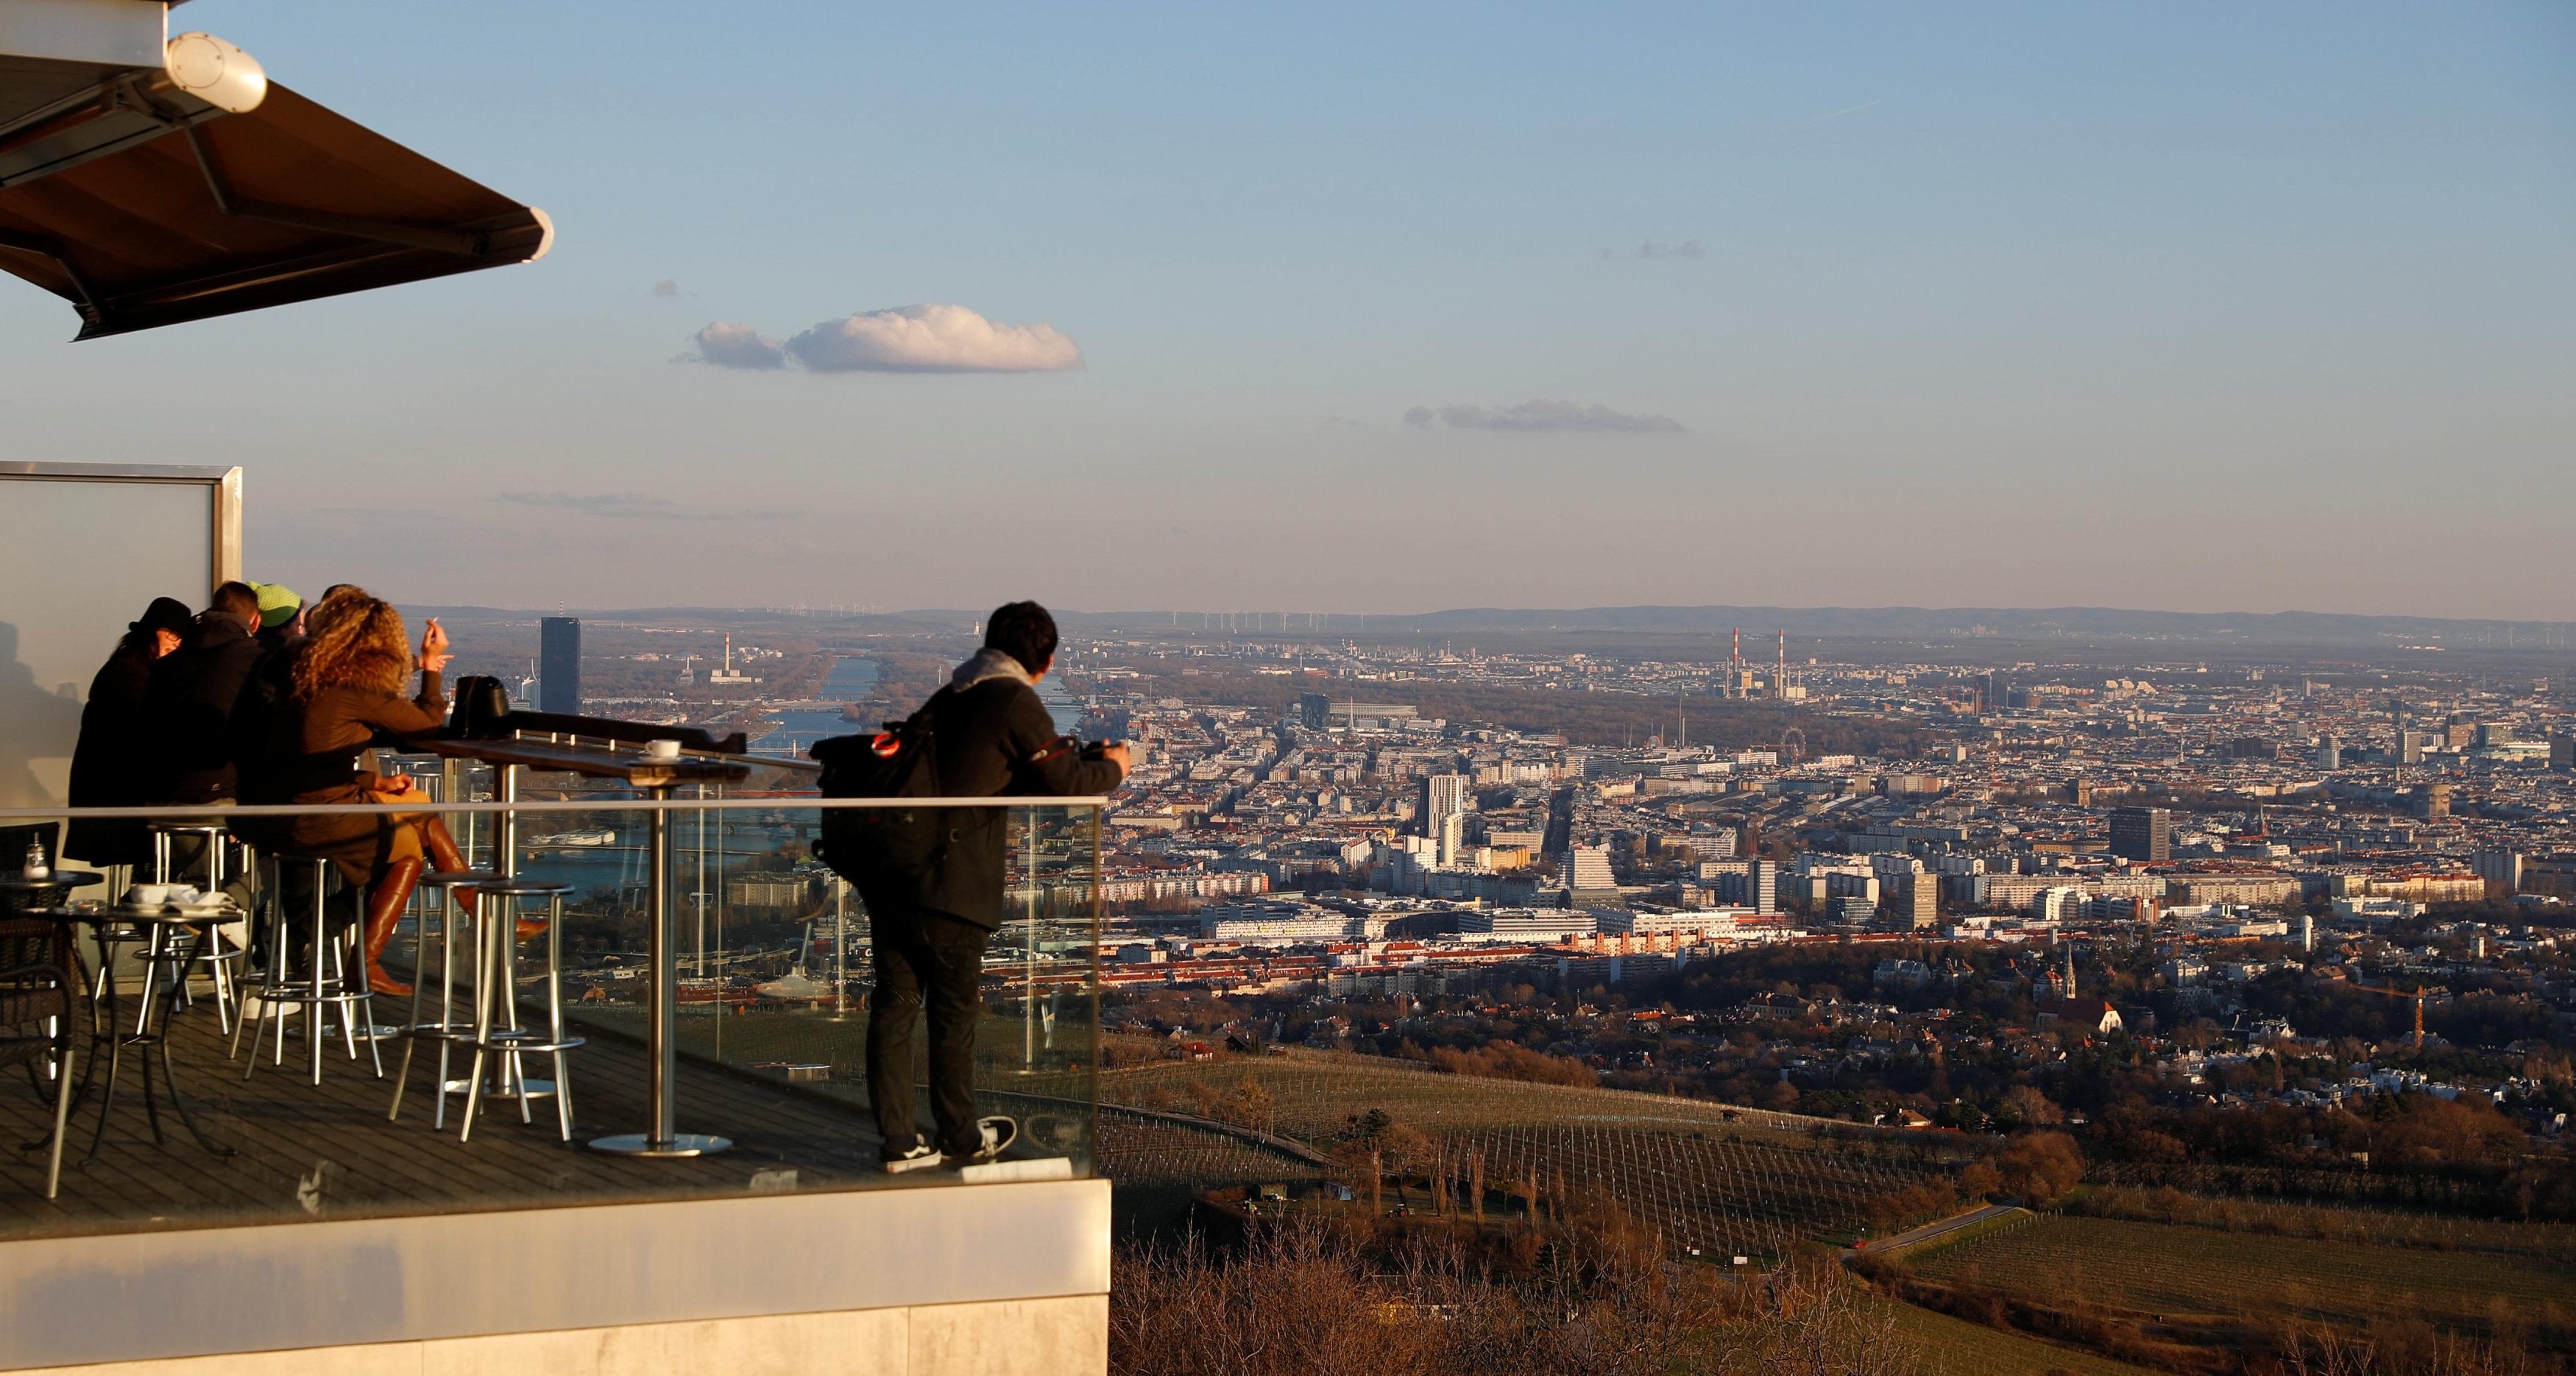 سائحون يستمتعون بالنظر إلى المدينة من فوق الشرفات